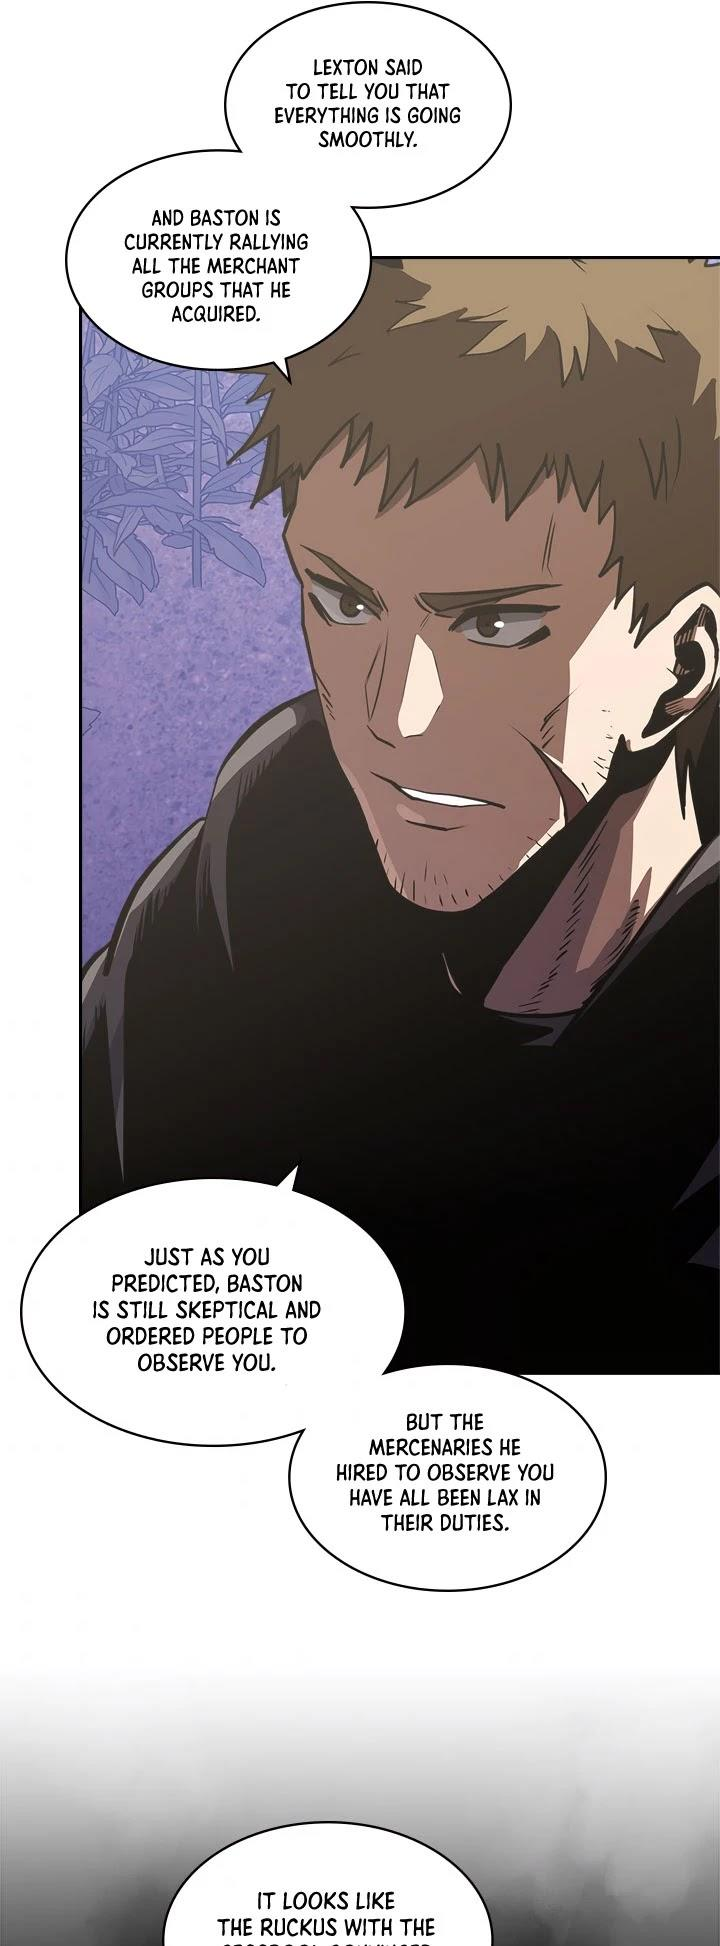 Other World Warrior Chapter 164: Season 4 Ch 52 page 16 - Mangakakalot